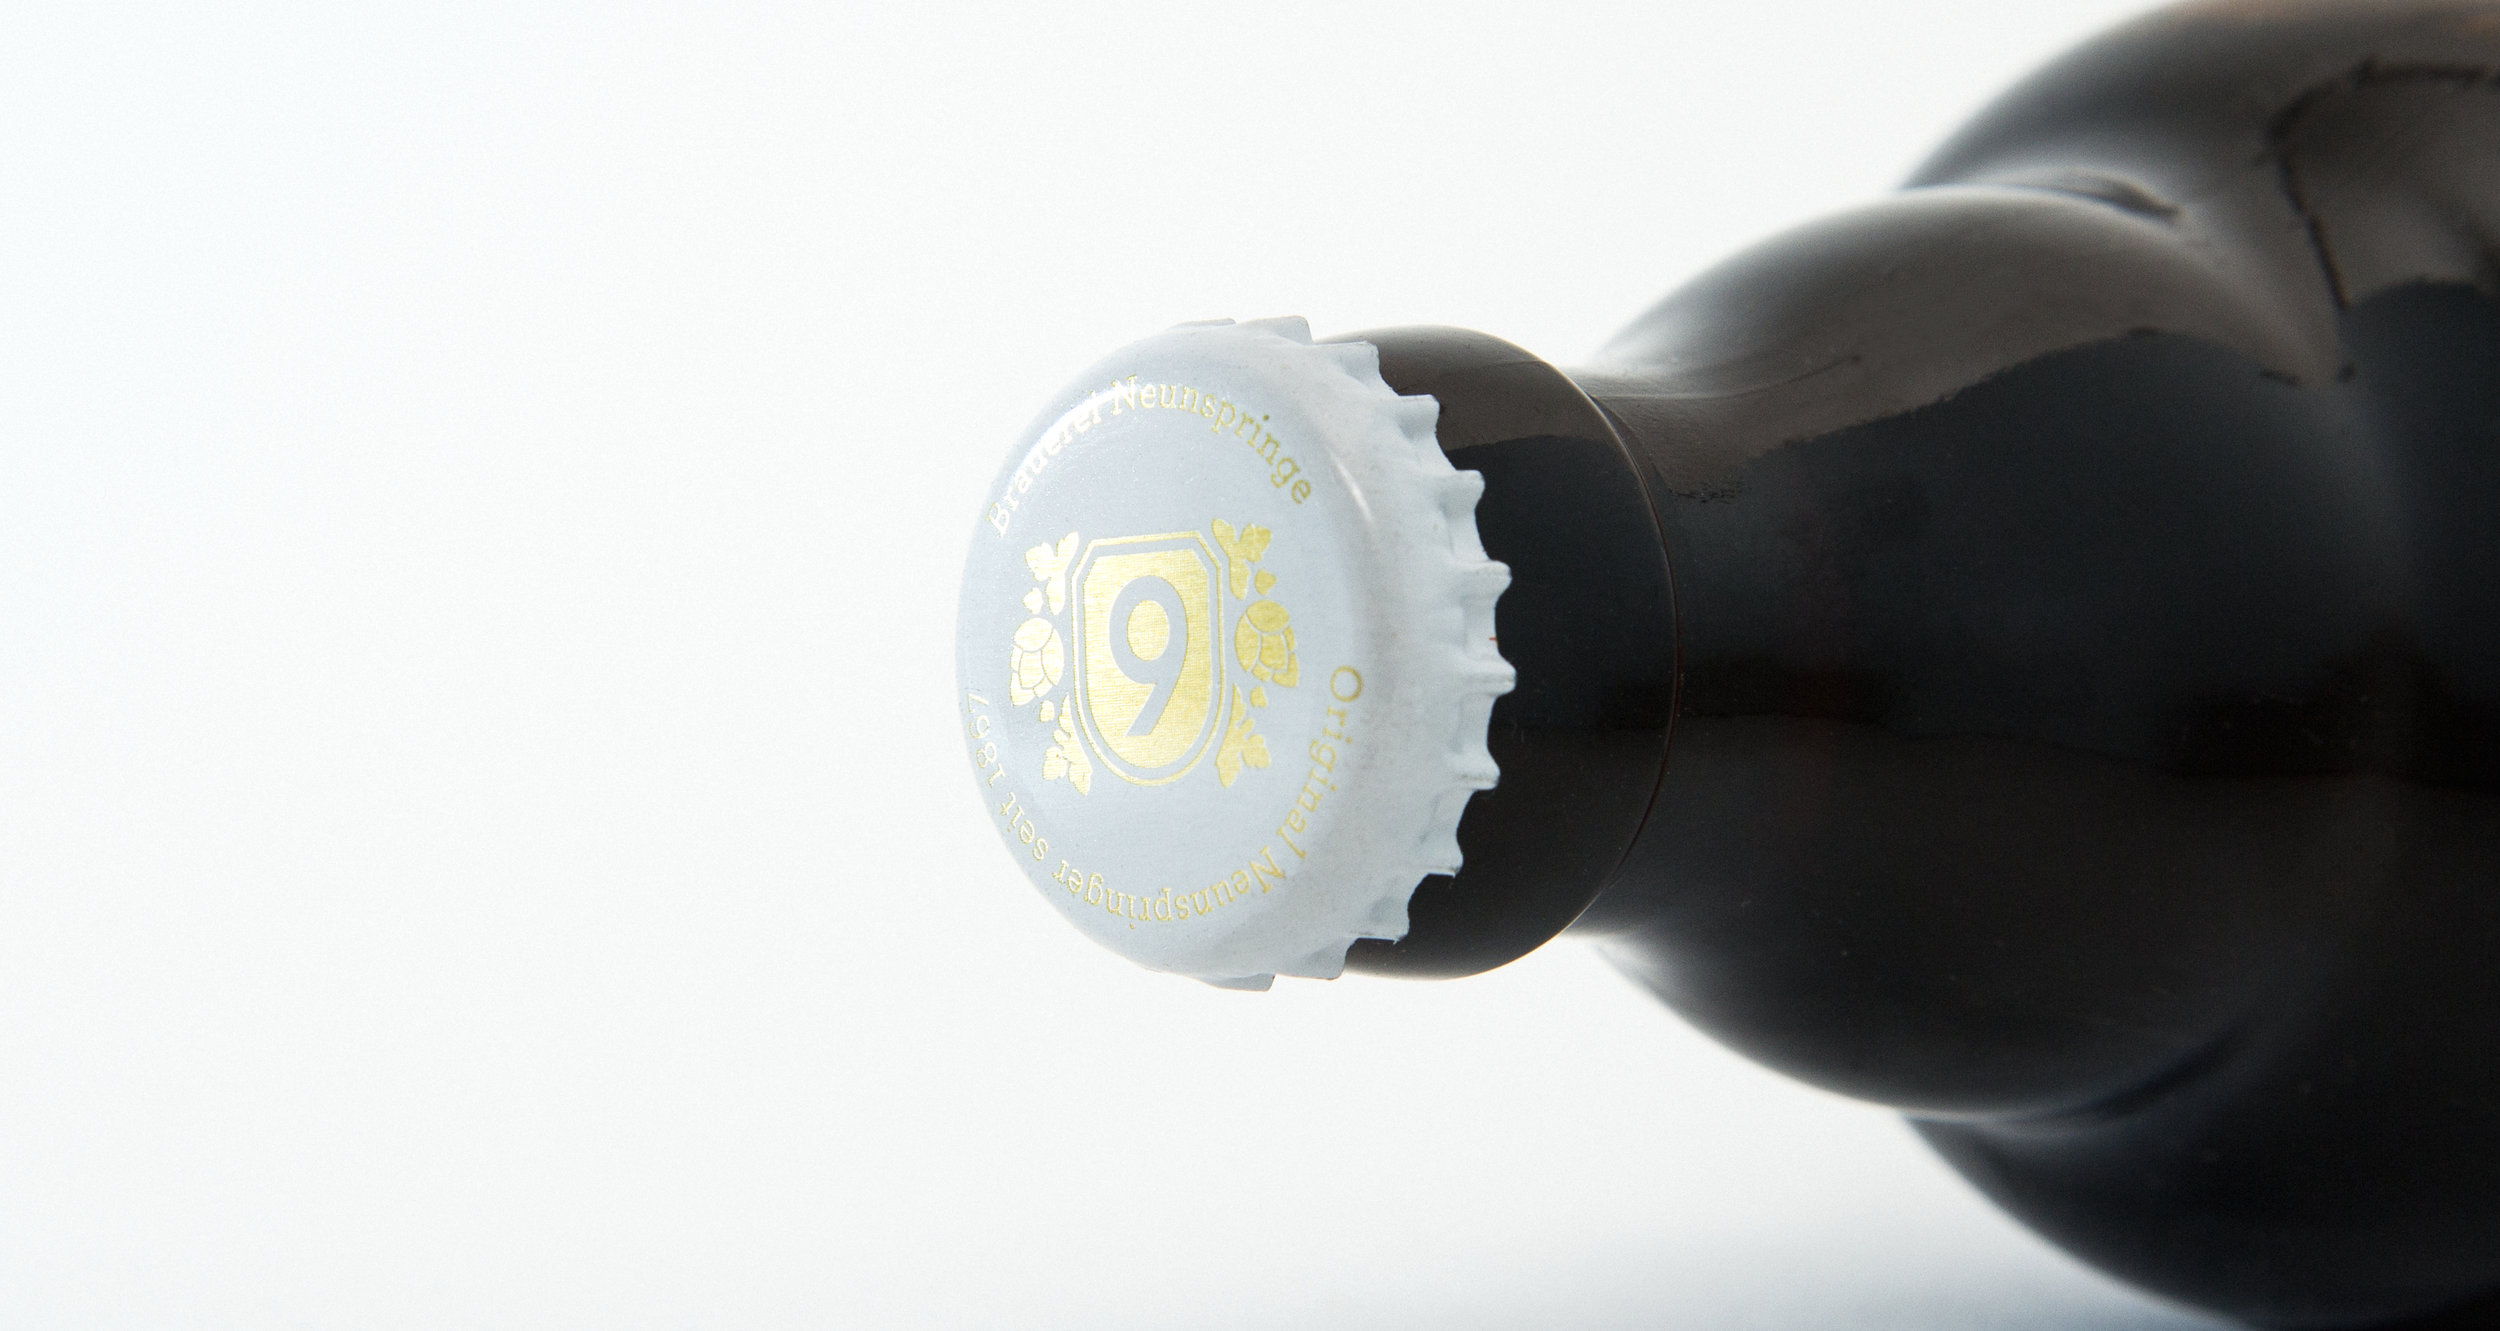 Kronkorken mit dem neuen Logo des Neunspringer Biers